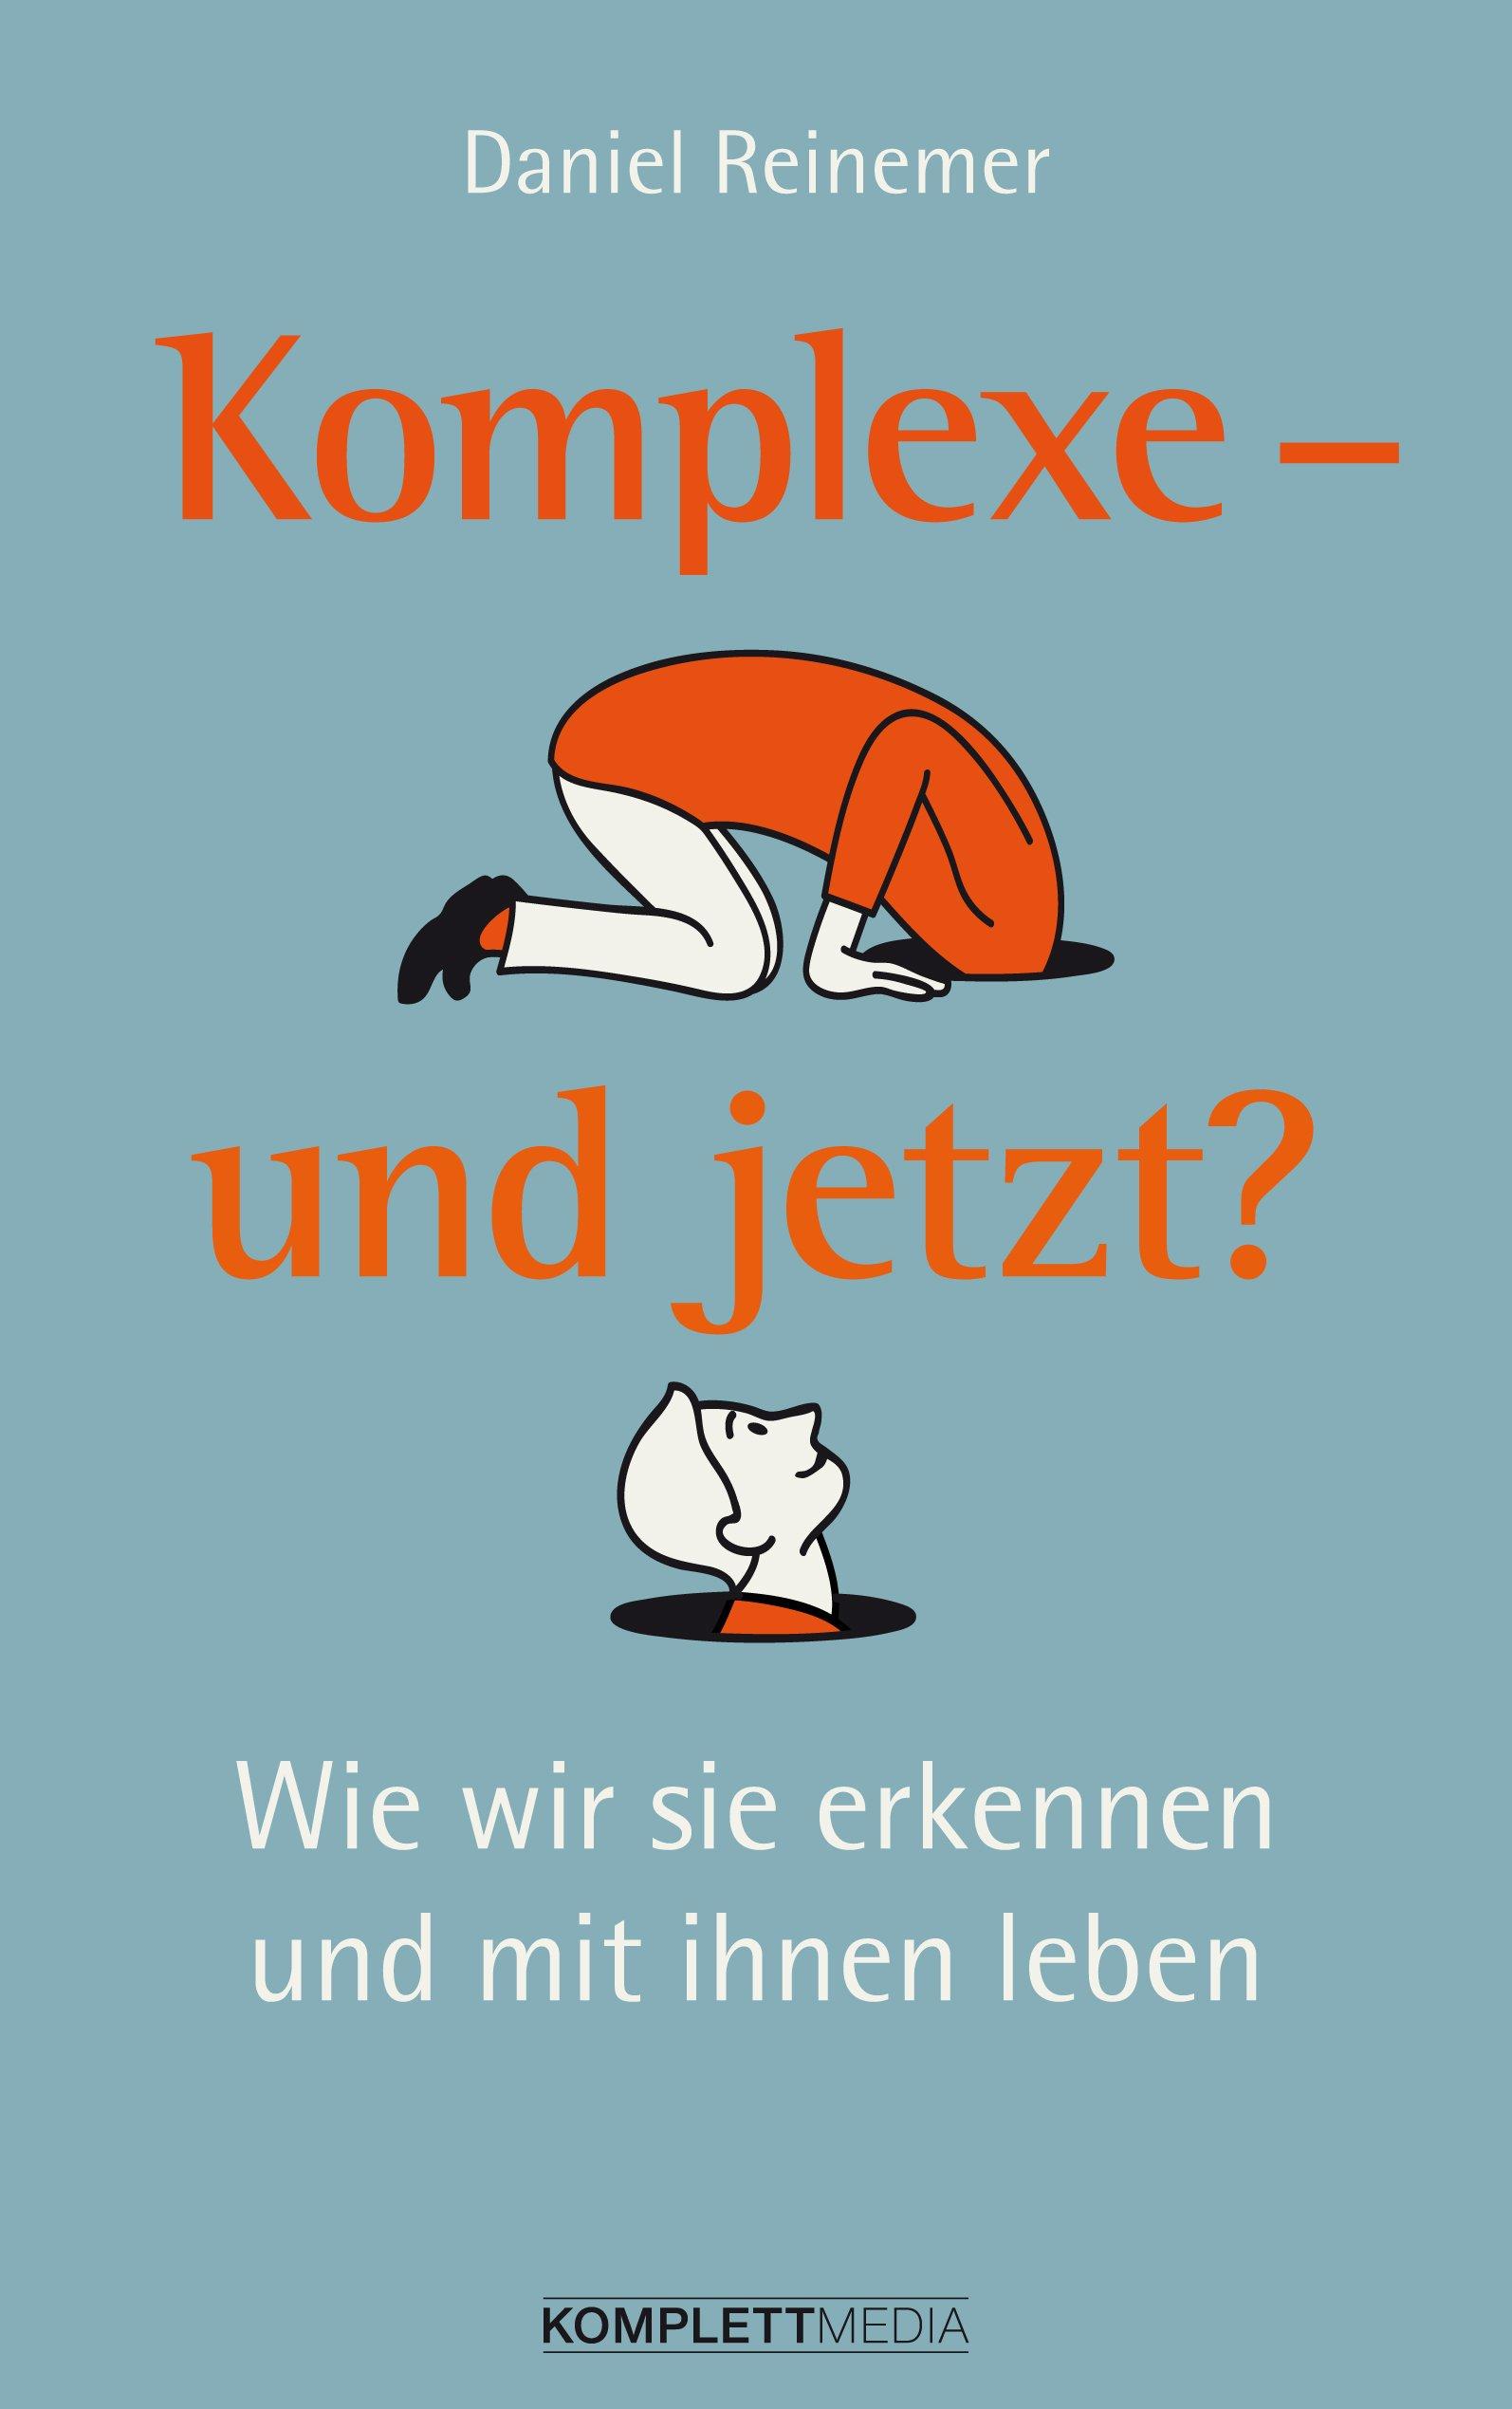 Beste Bild Framing Bücher Zeitgenössisch - Benutzerdefinierte ...